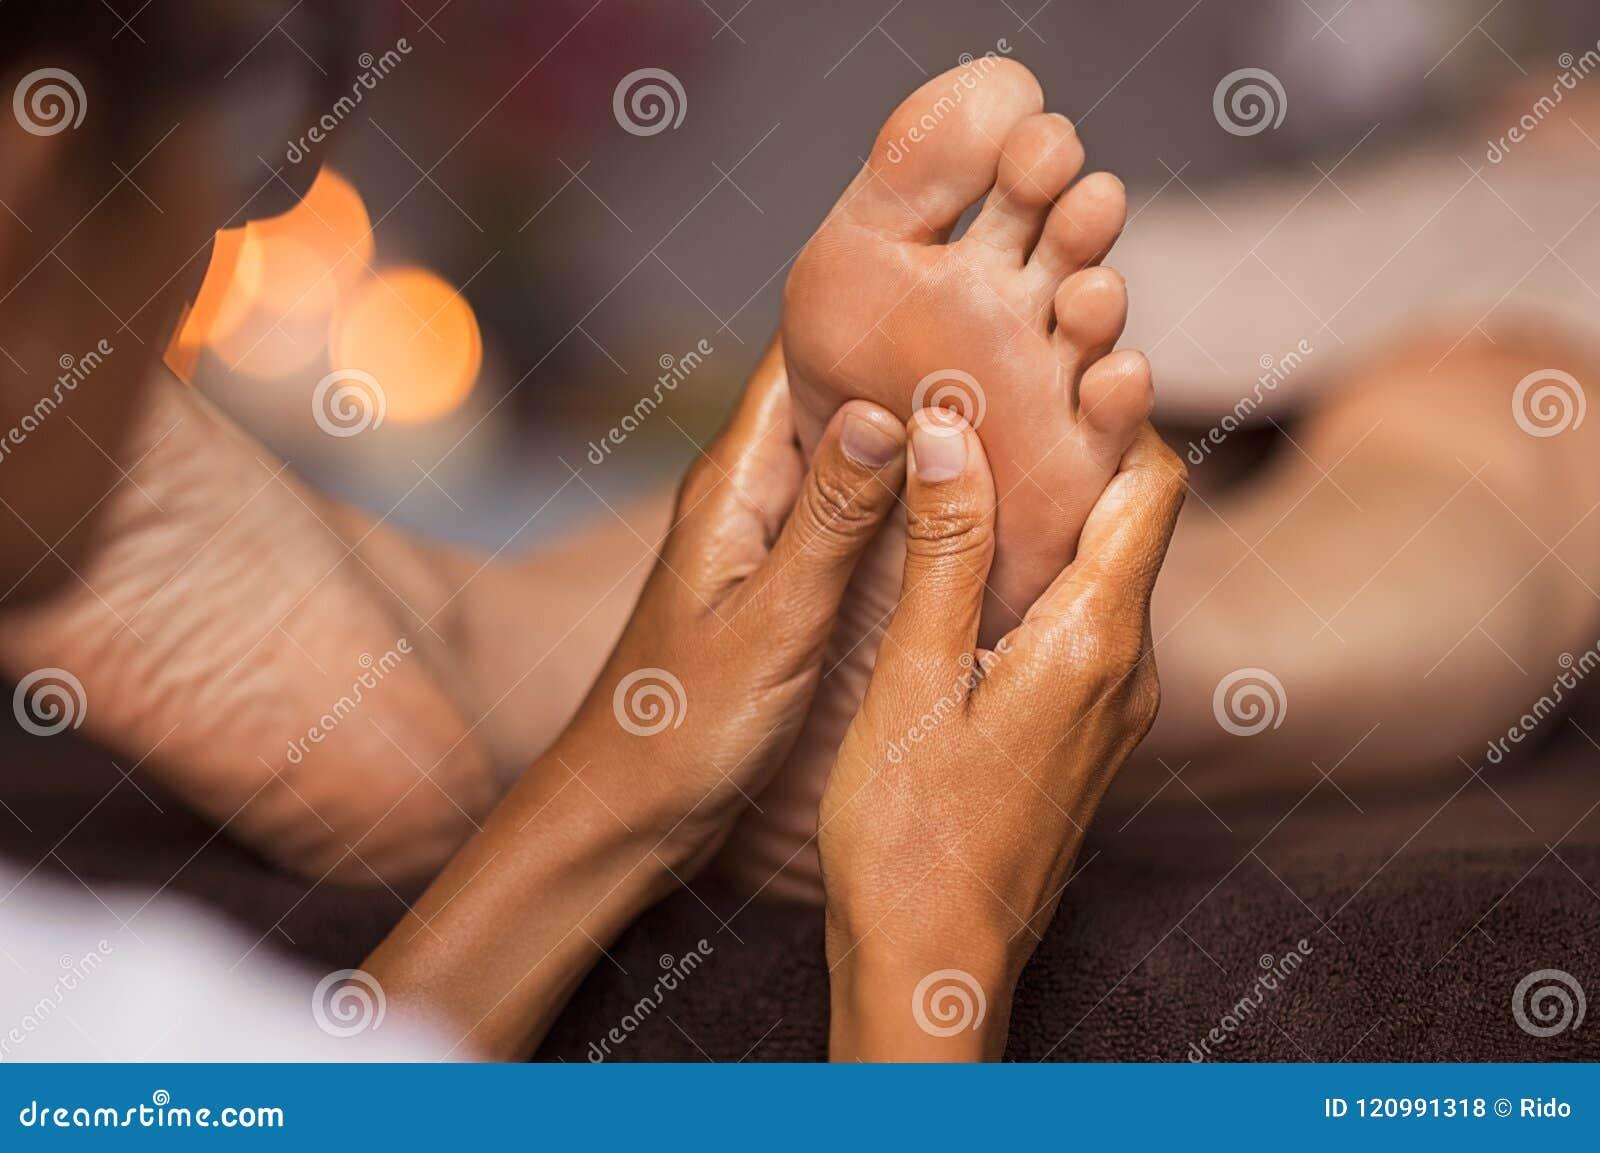 Nożny refleksologia masaż